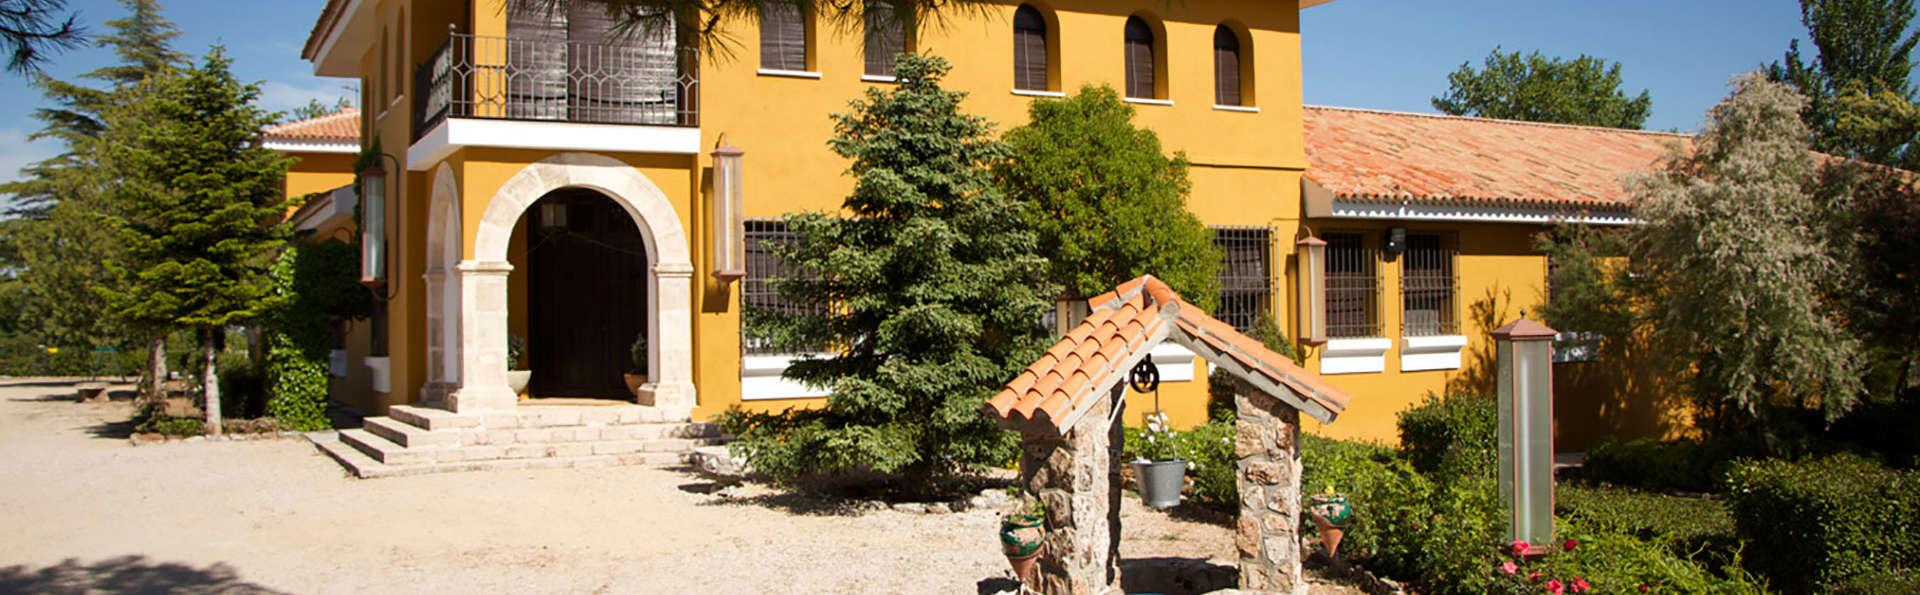 Hotel Finca Las Beatas - edit_front.jpg